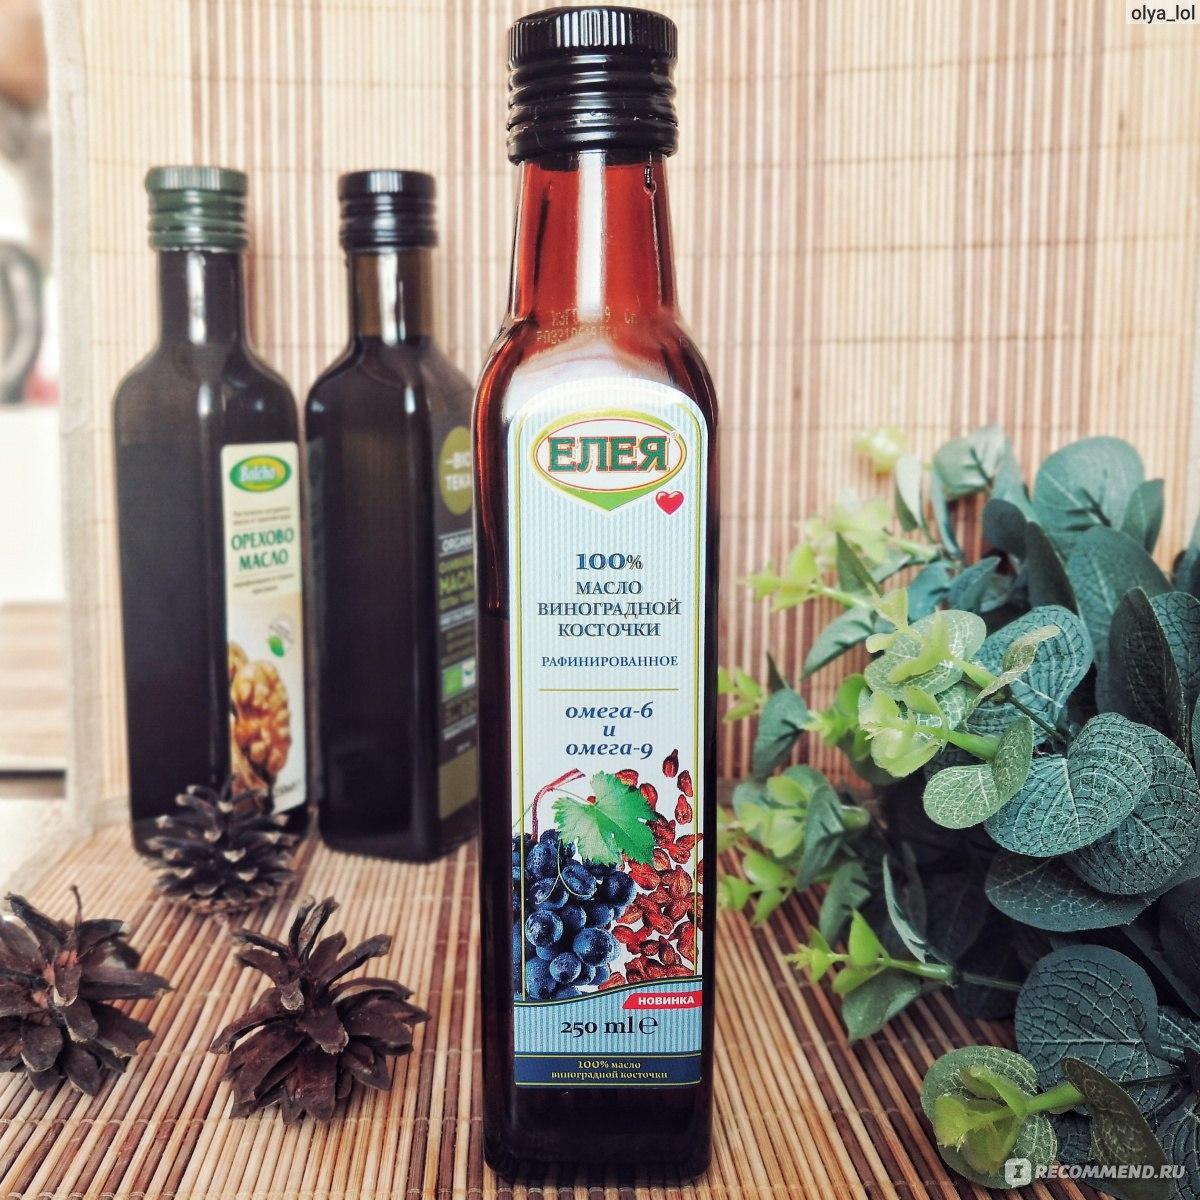 Как правильно использовать масло виноградной косточки, чтобы извлечь изего применения исключительно пользу, аневред?